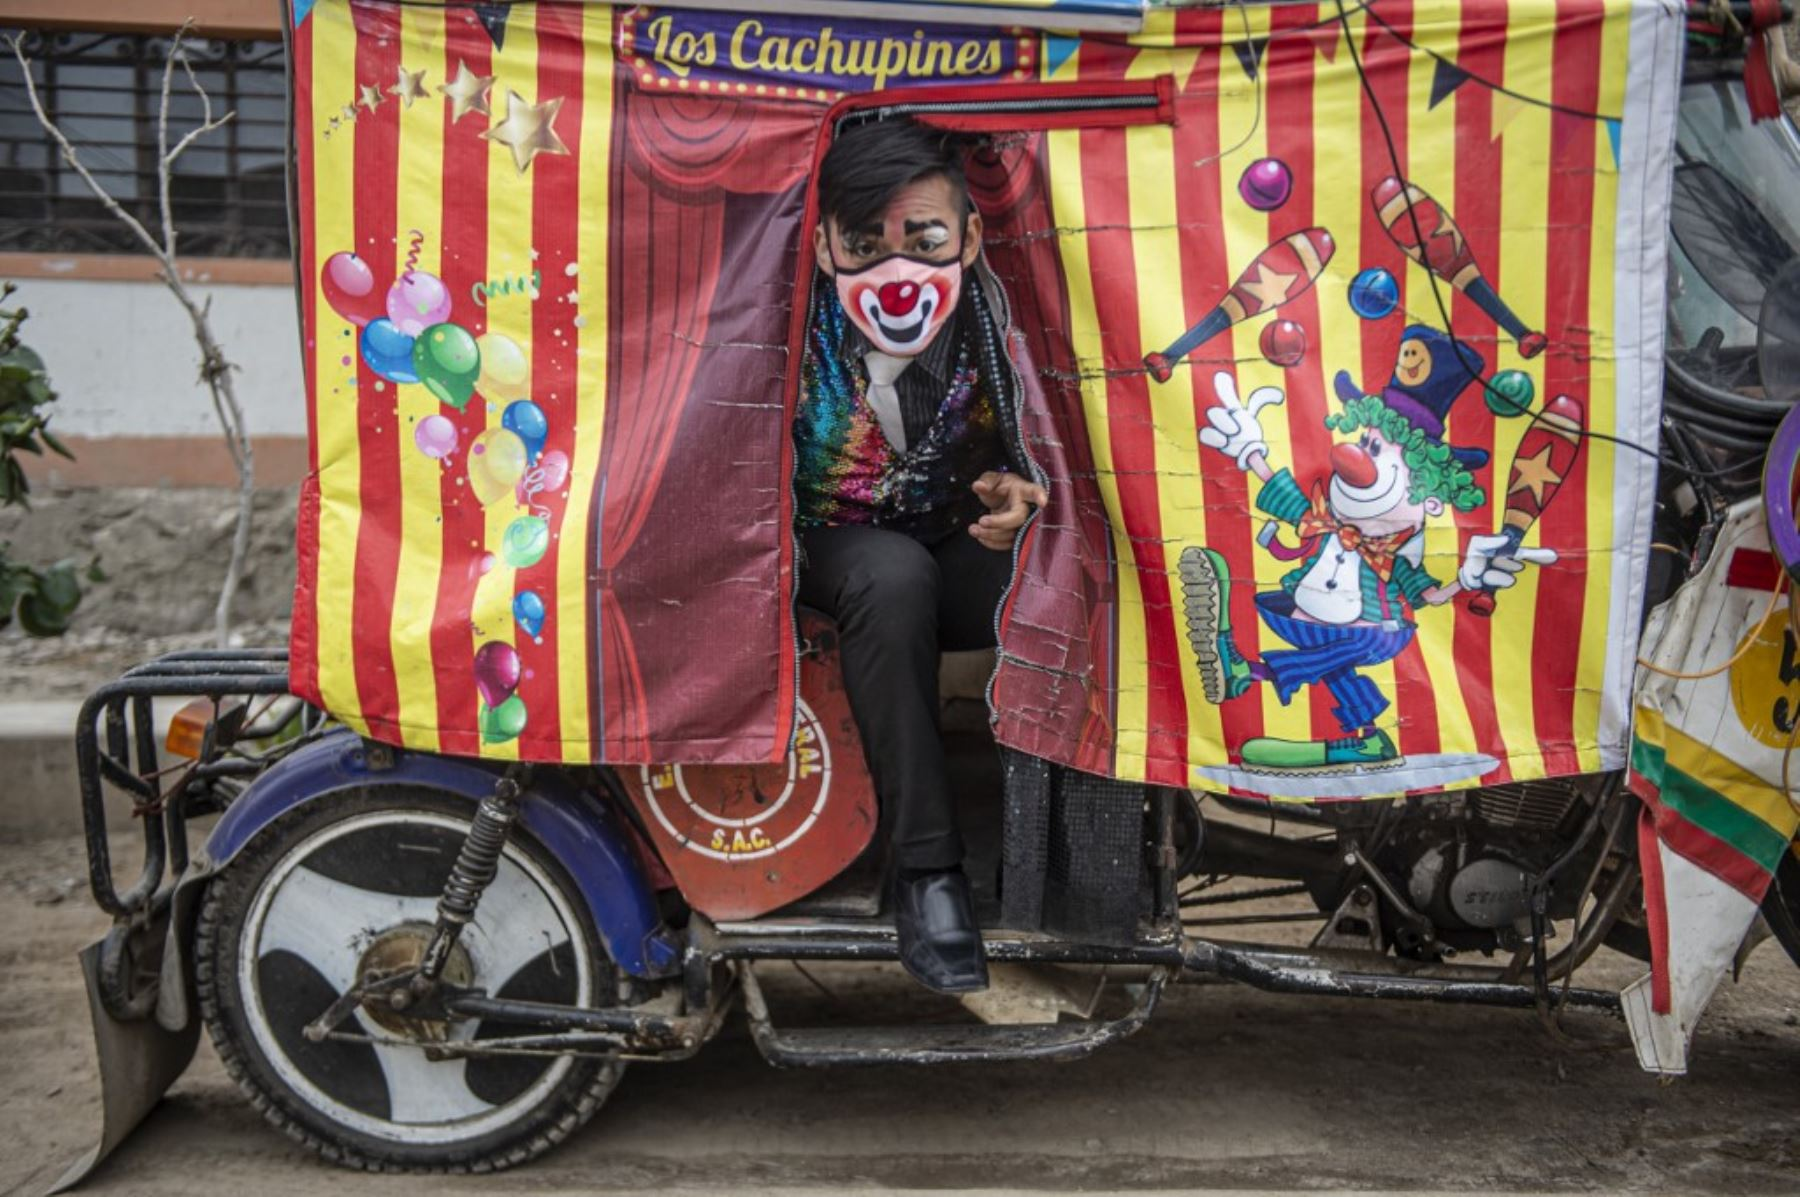 Los payasos con máscaras se presentan en el distrito de Puente Piedra, en las afueras del norte de Lima, durante la pandemia covid-19. - Debido a la pandemia de coronavirus, los circos en Perú permanecen cerrados, lo que lleva a este grupo de payasos que viajan en su circo mototaxi a actuar en las calles de Lima.   Foto: AFP